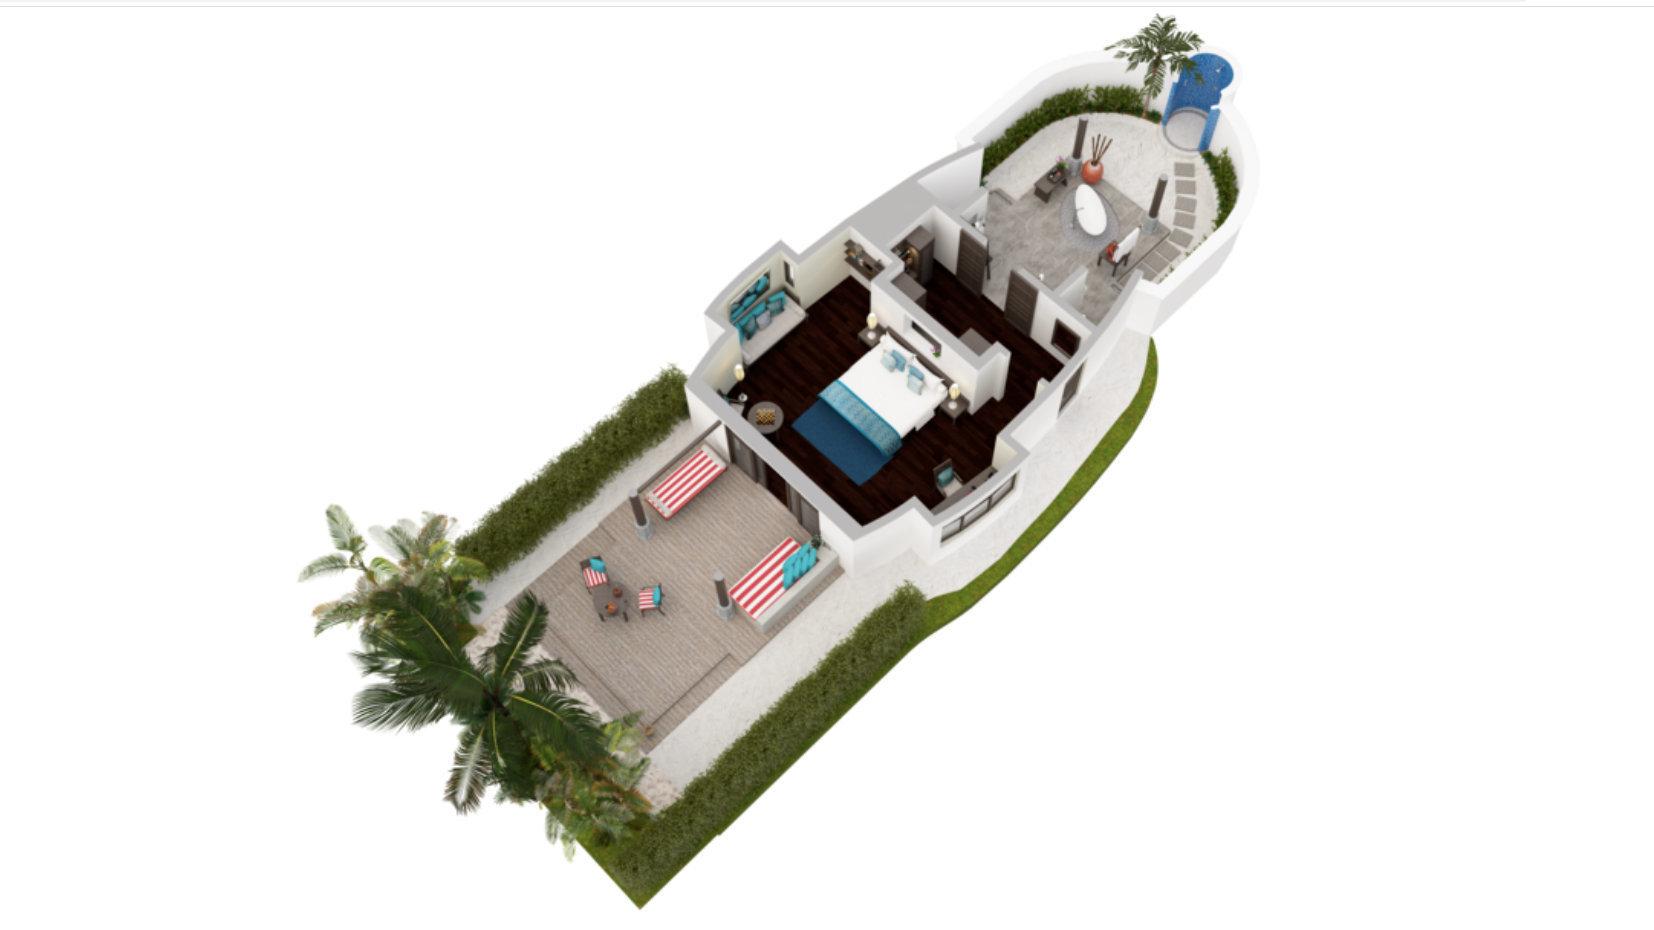 Мальдивы, отель Anantara Dhigu Maldives Resort, план-схема номера Beach Villa